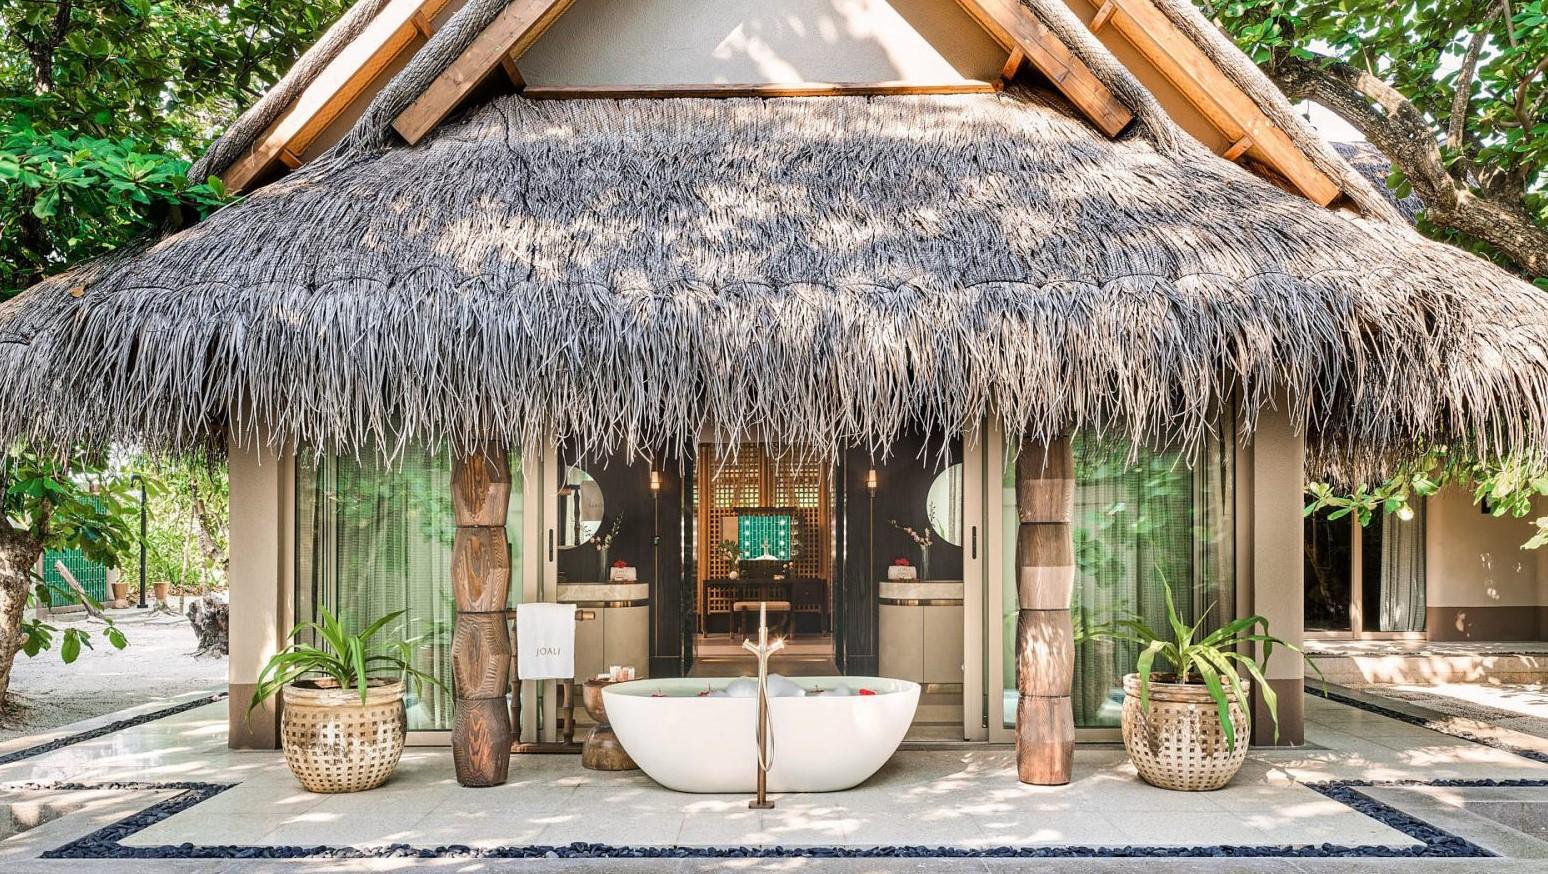 joali maldives luxury beach villa